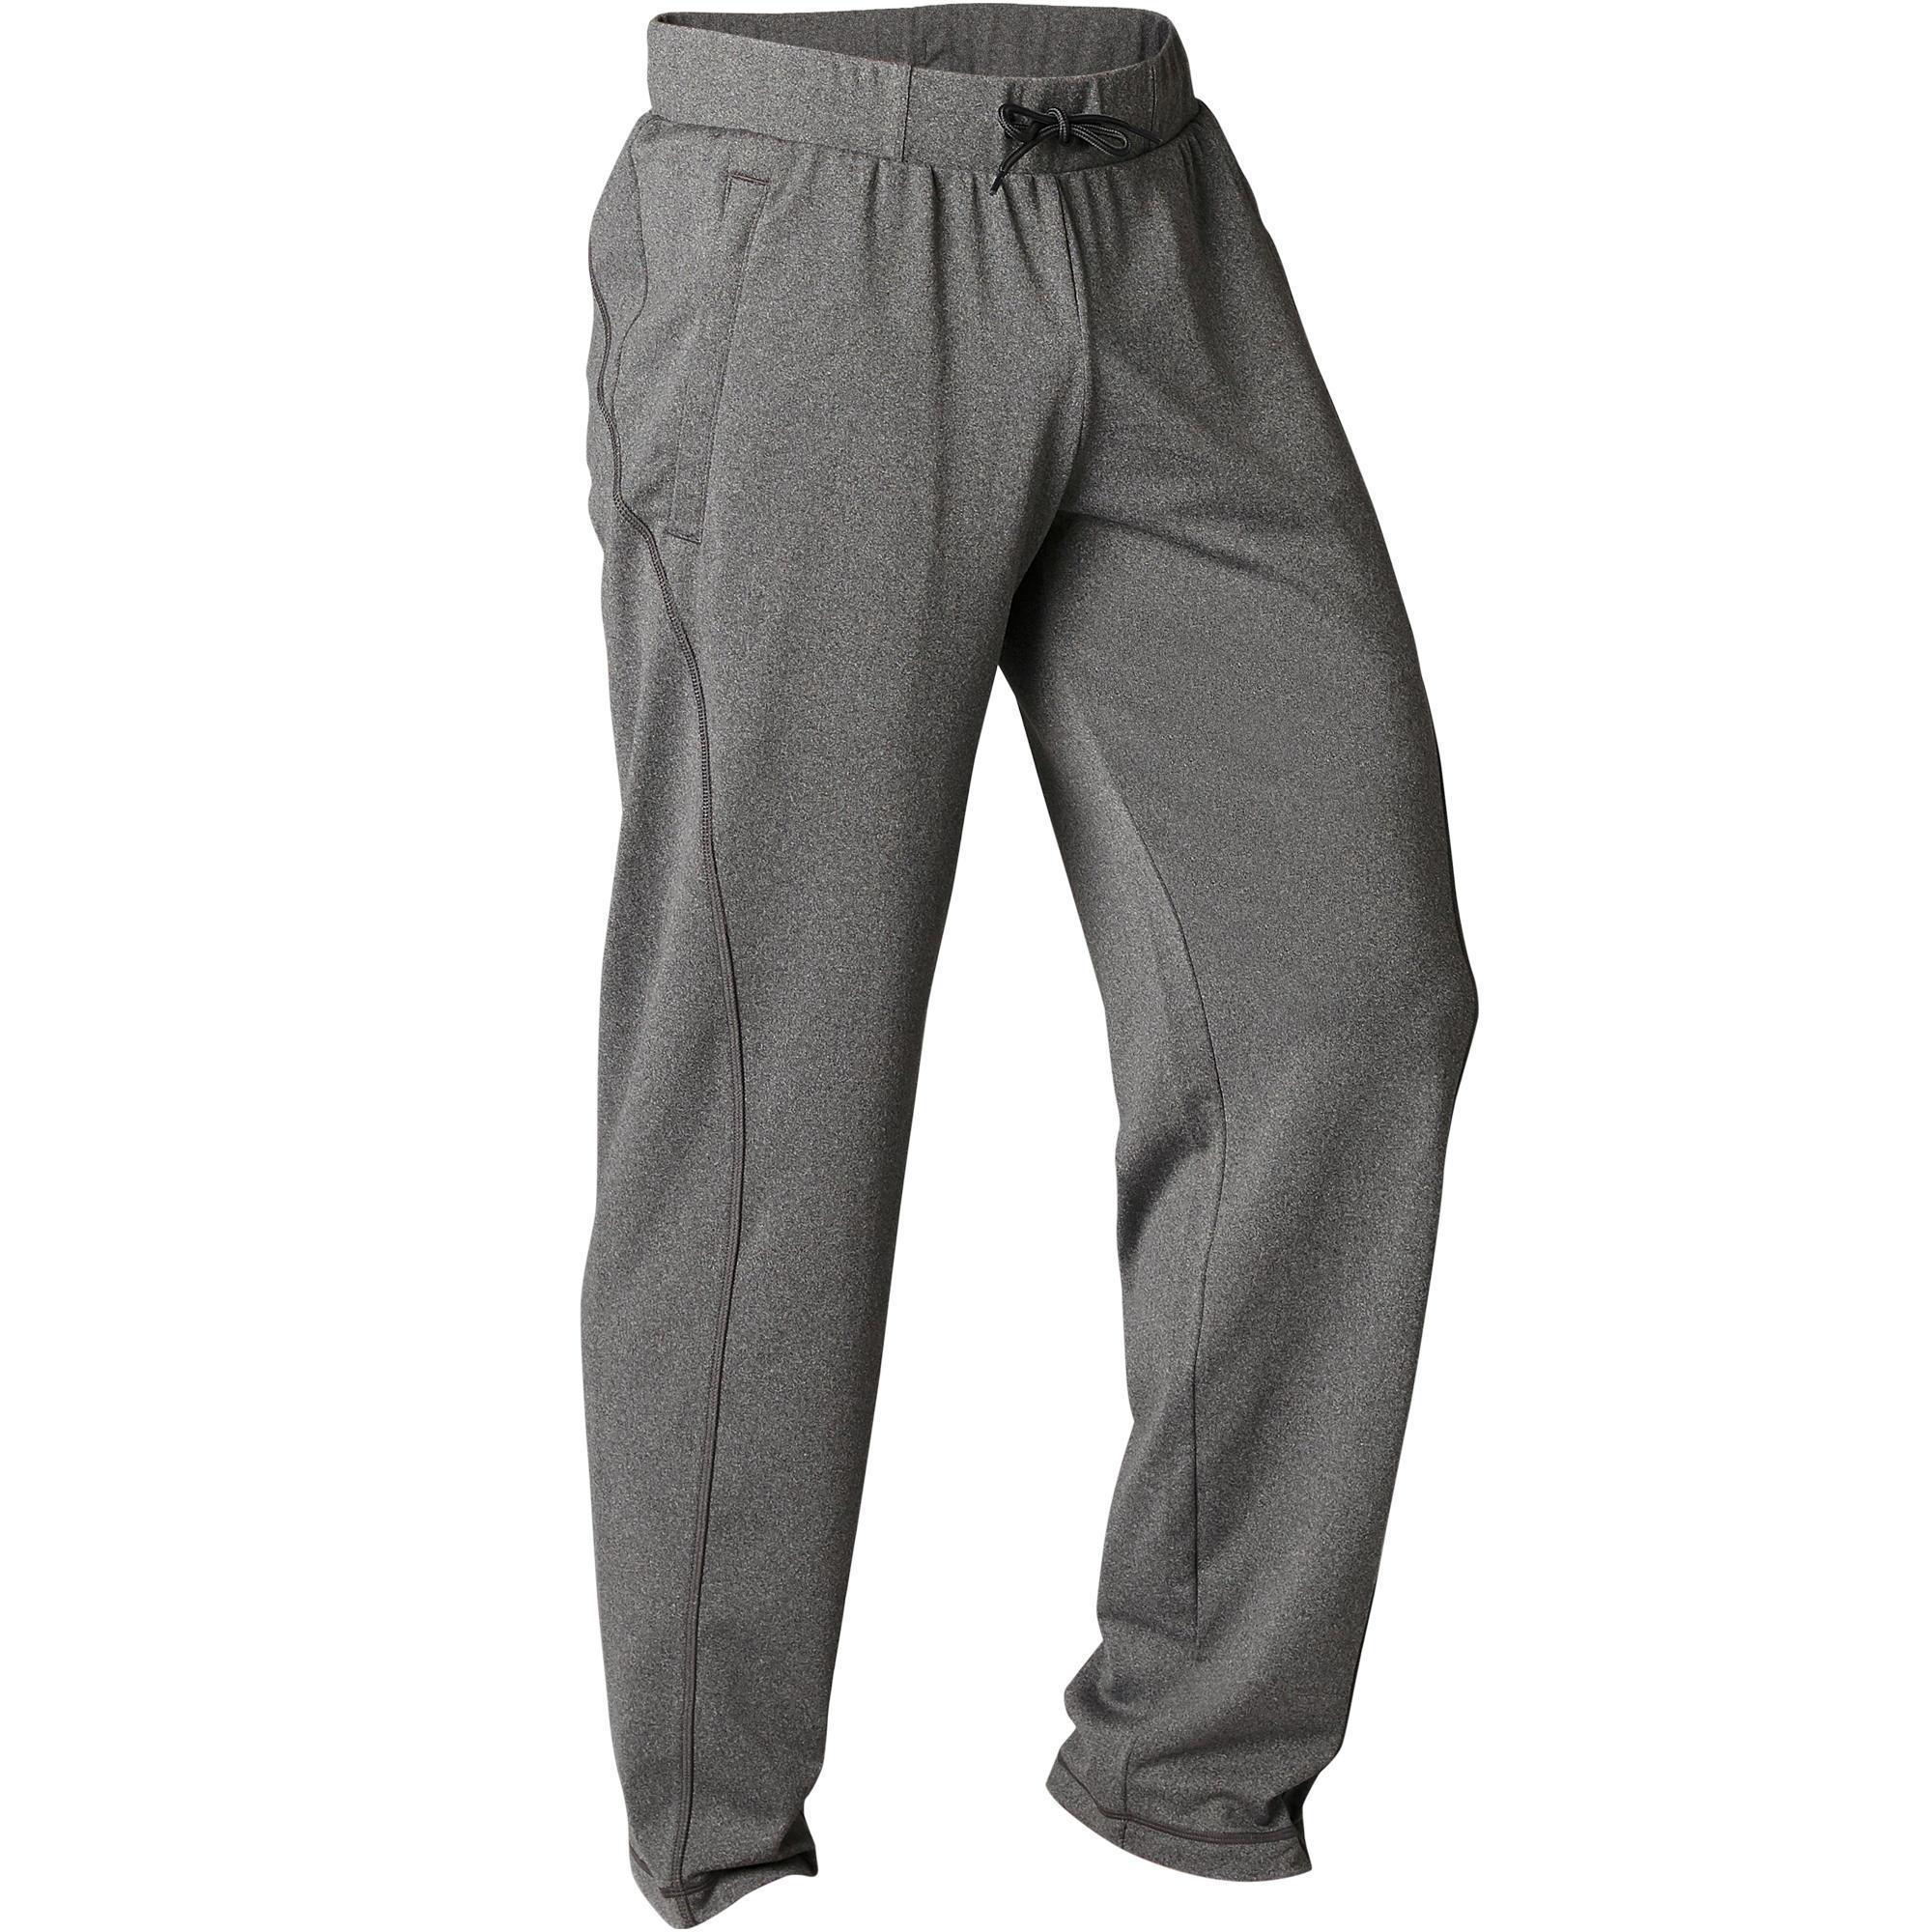 Yoga Gris Pantalon Vêtements Homme Dynamique OukZwXiTP